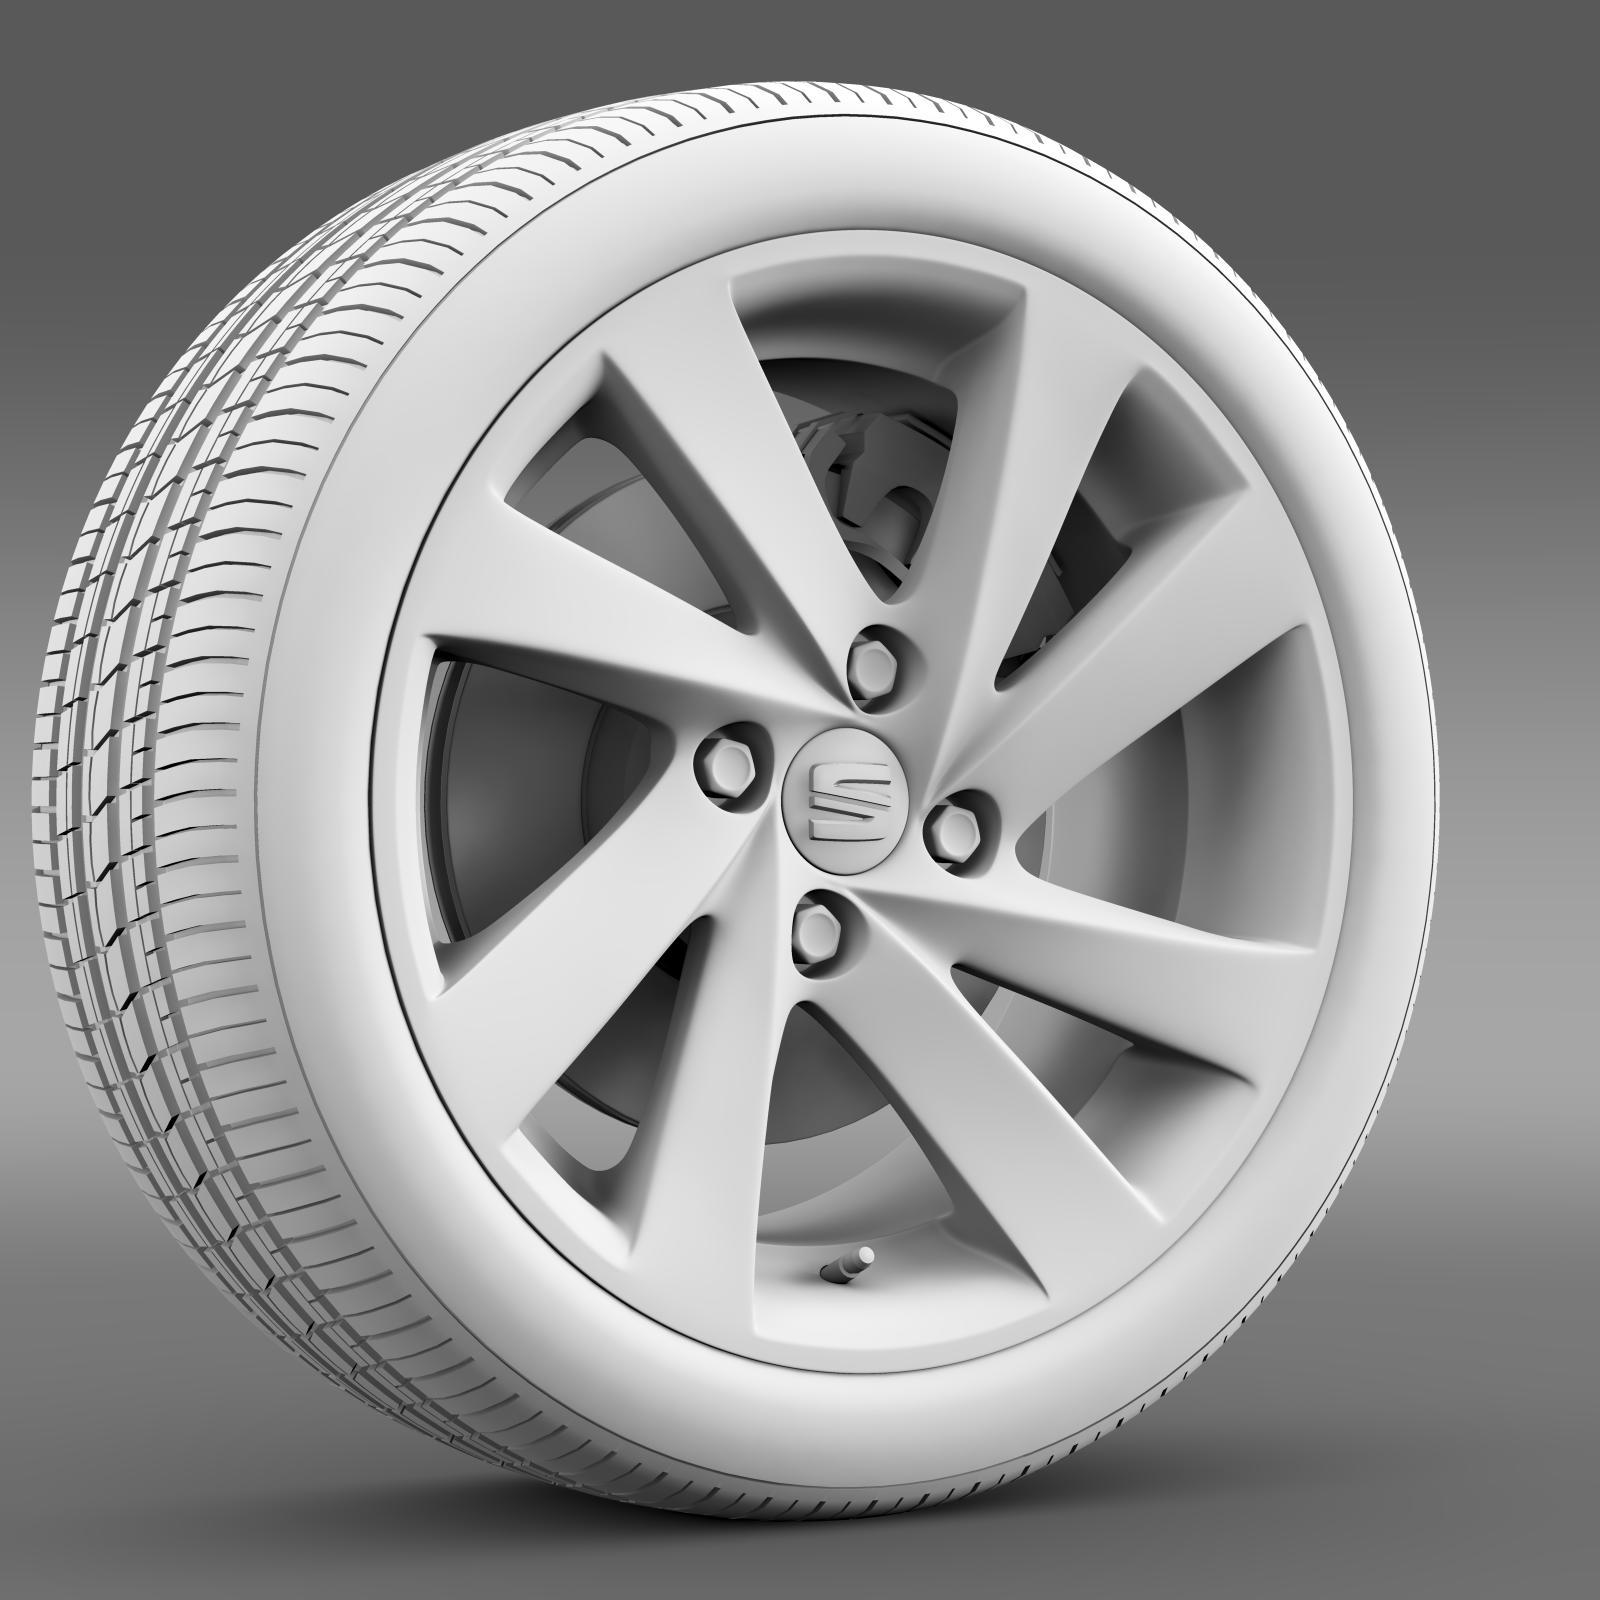 seat mii wheel 3d model 3ds max fbx c4d lwo ma mb hrc xsi obj 210864